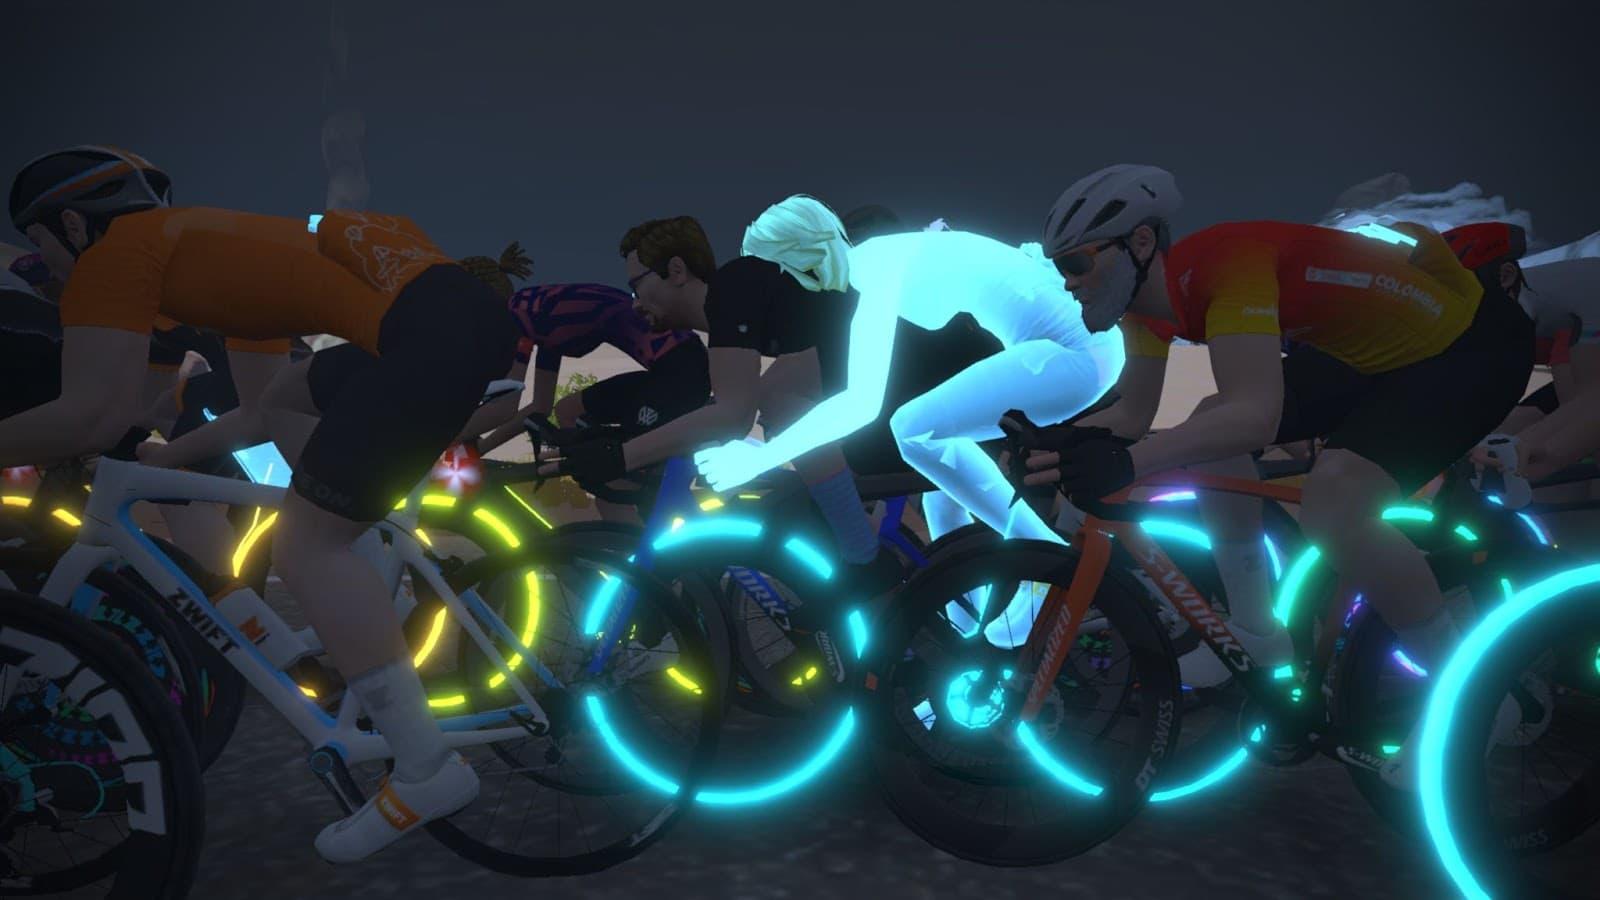 Part Two-Rhabdomyolysis: A Hidden Risk of Virtual Cycling